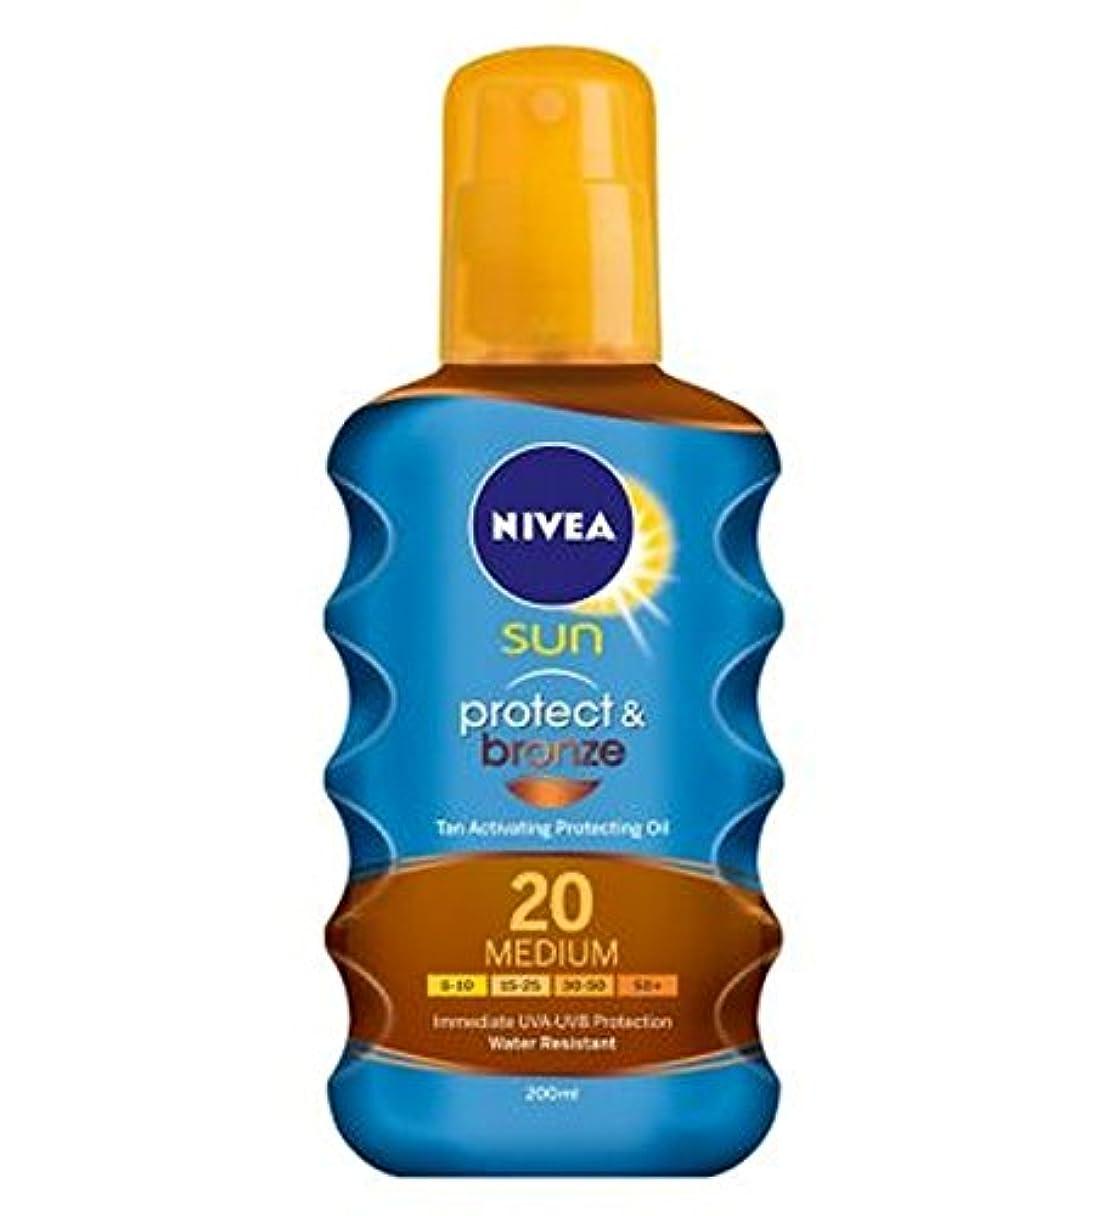 批判パトワ気配りのあるNIVEA SUN Protect & Bronze Tan Activating Protecting Oil 20 Medium 200ml - ニベアの日は、油媒体20 200ミリリットルを保護する日焼け活性化を保護...